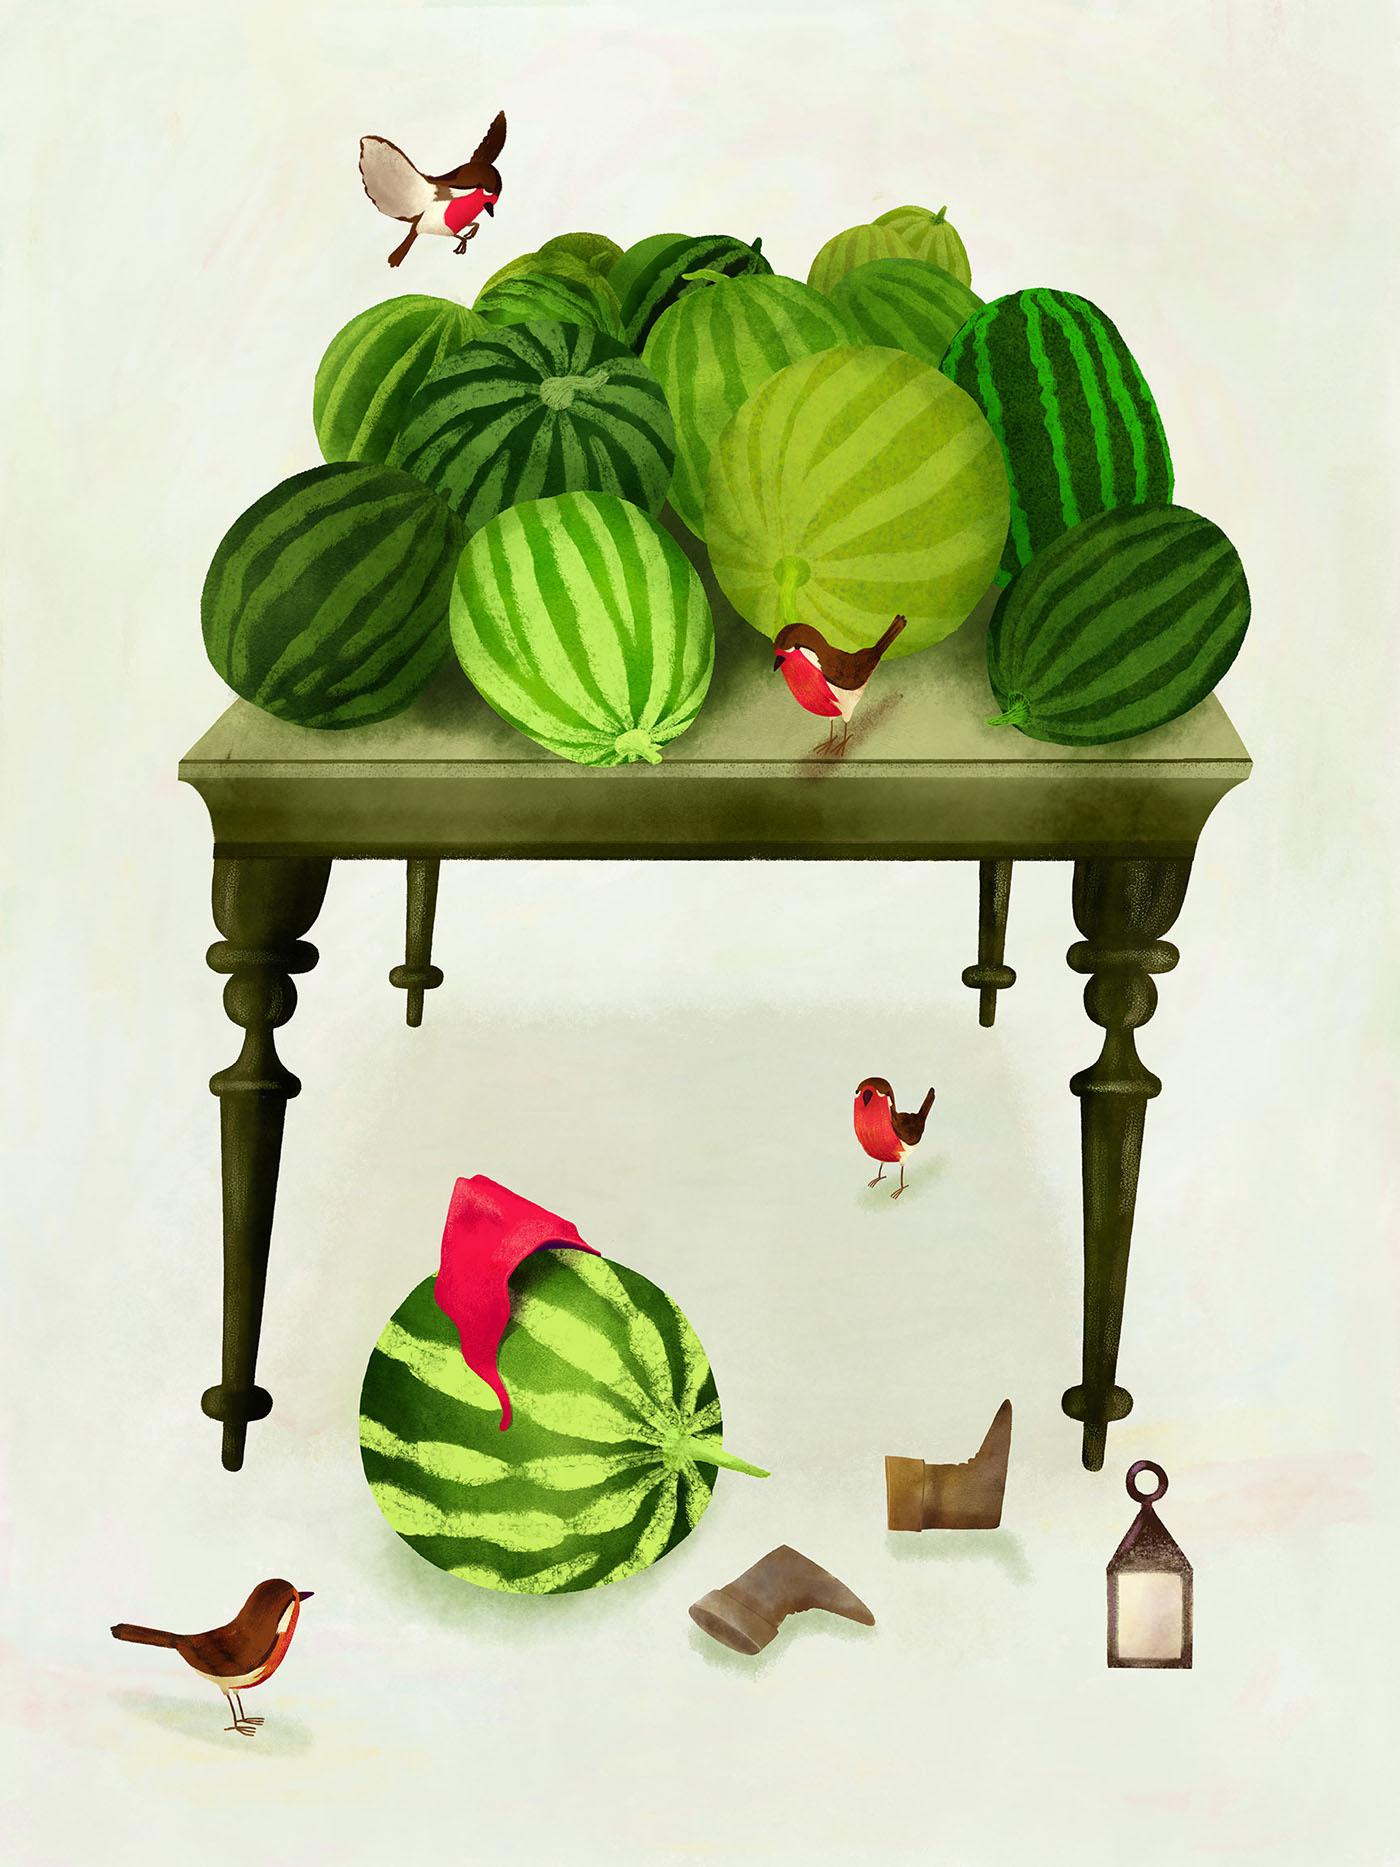 watermelons tinkertales AngINK abigoy ILLUSTRATION  storytelling   digitalart KyleBrush story